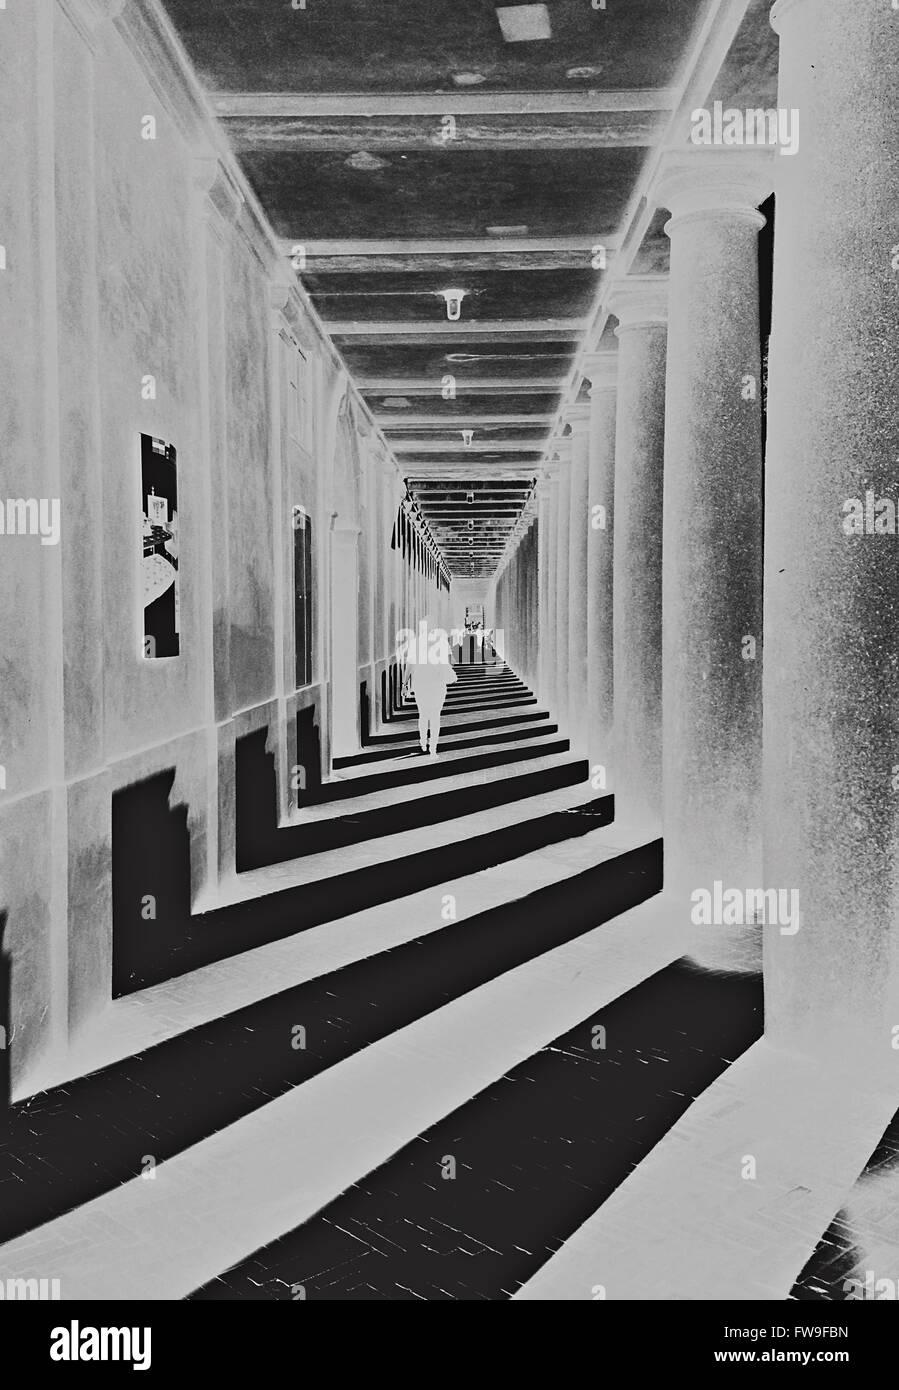 Moderne abstrakte Grafik-Design Digitalkunst Kreativkonzept Stockbild